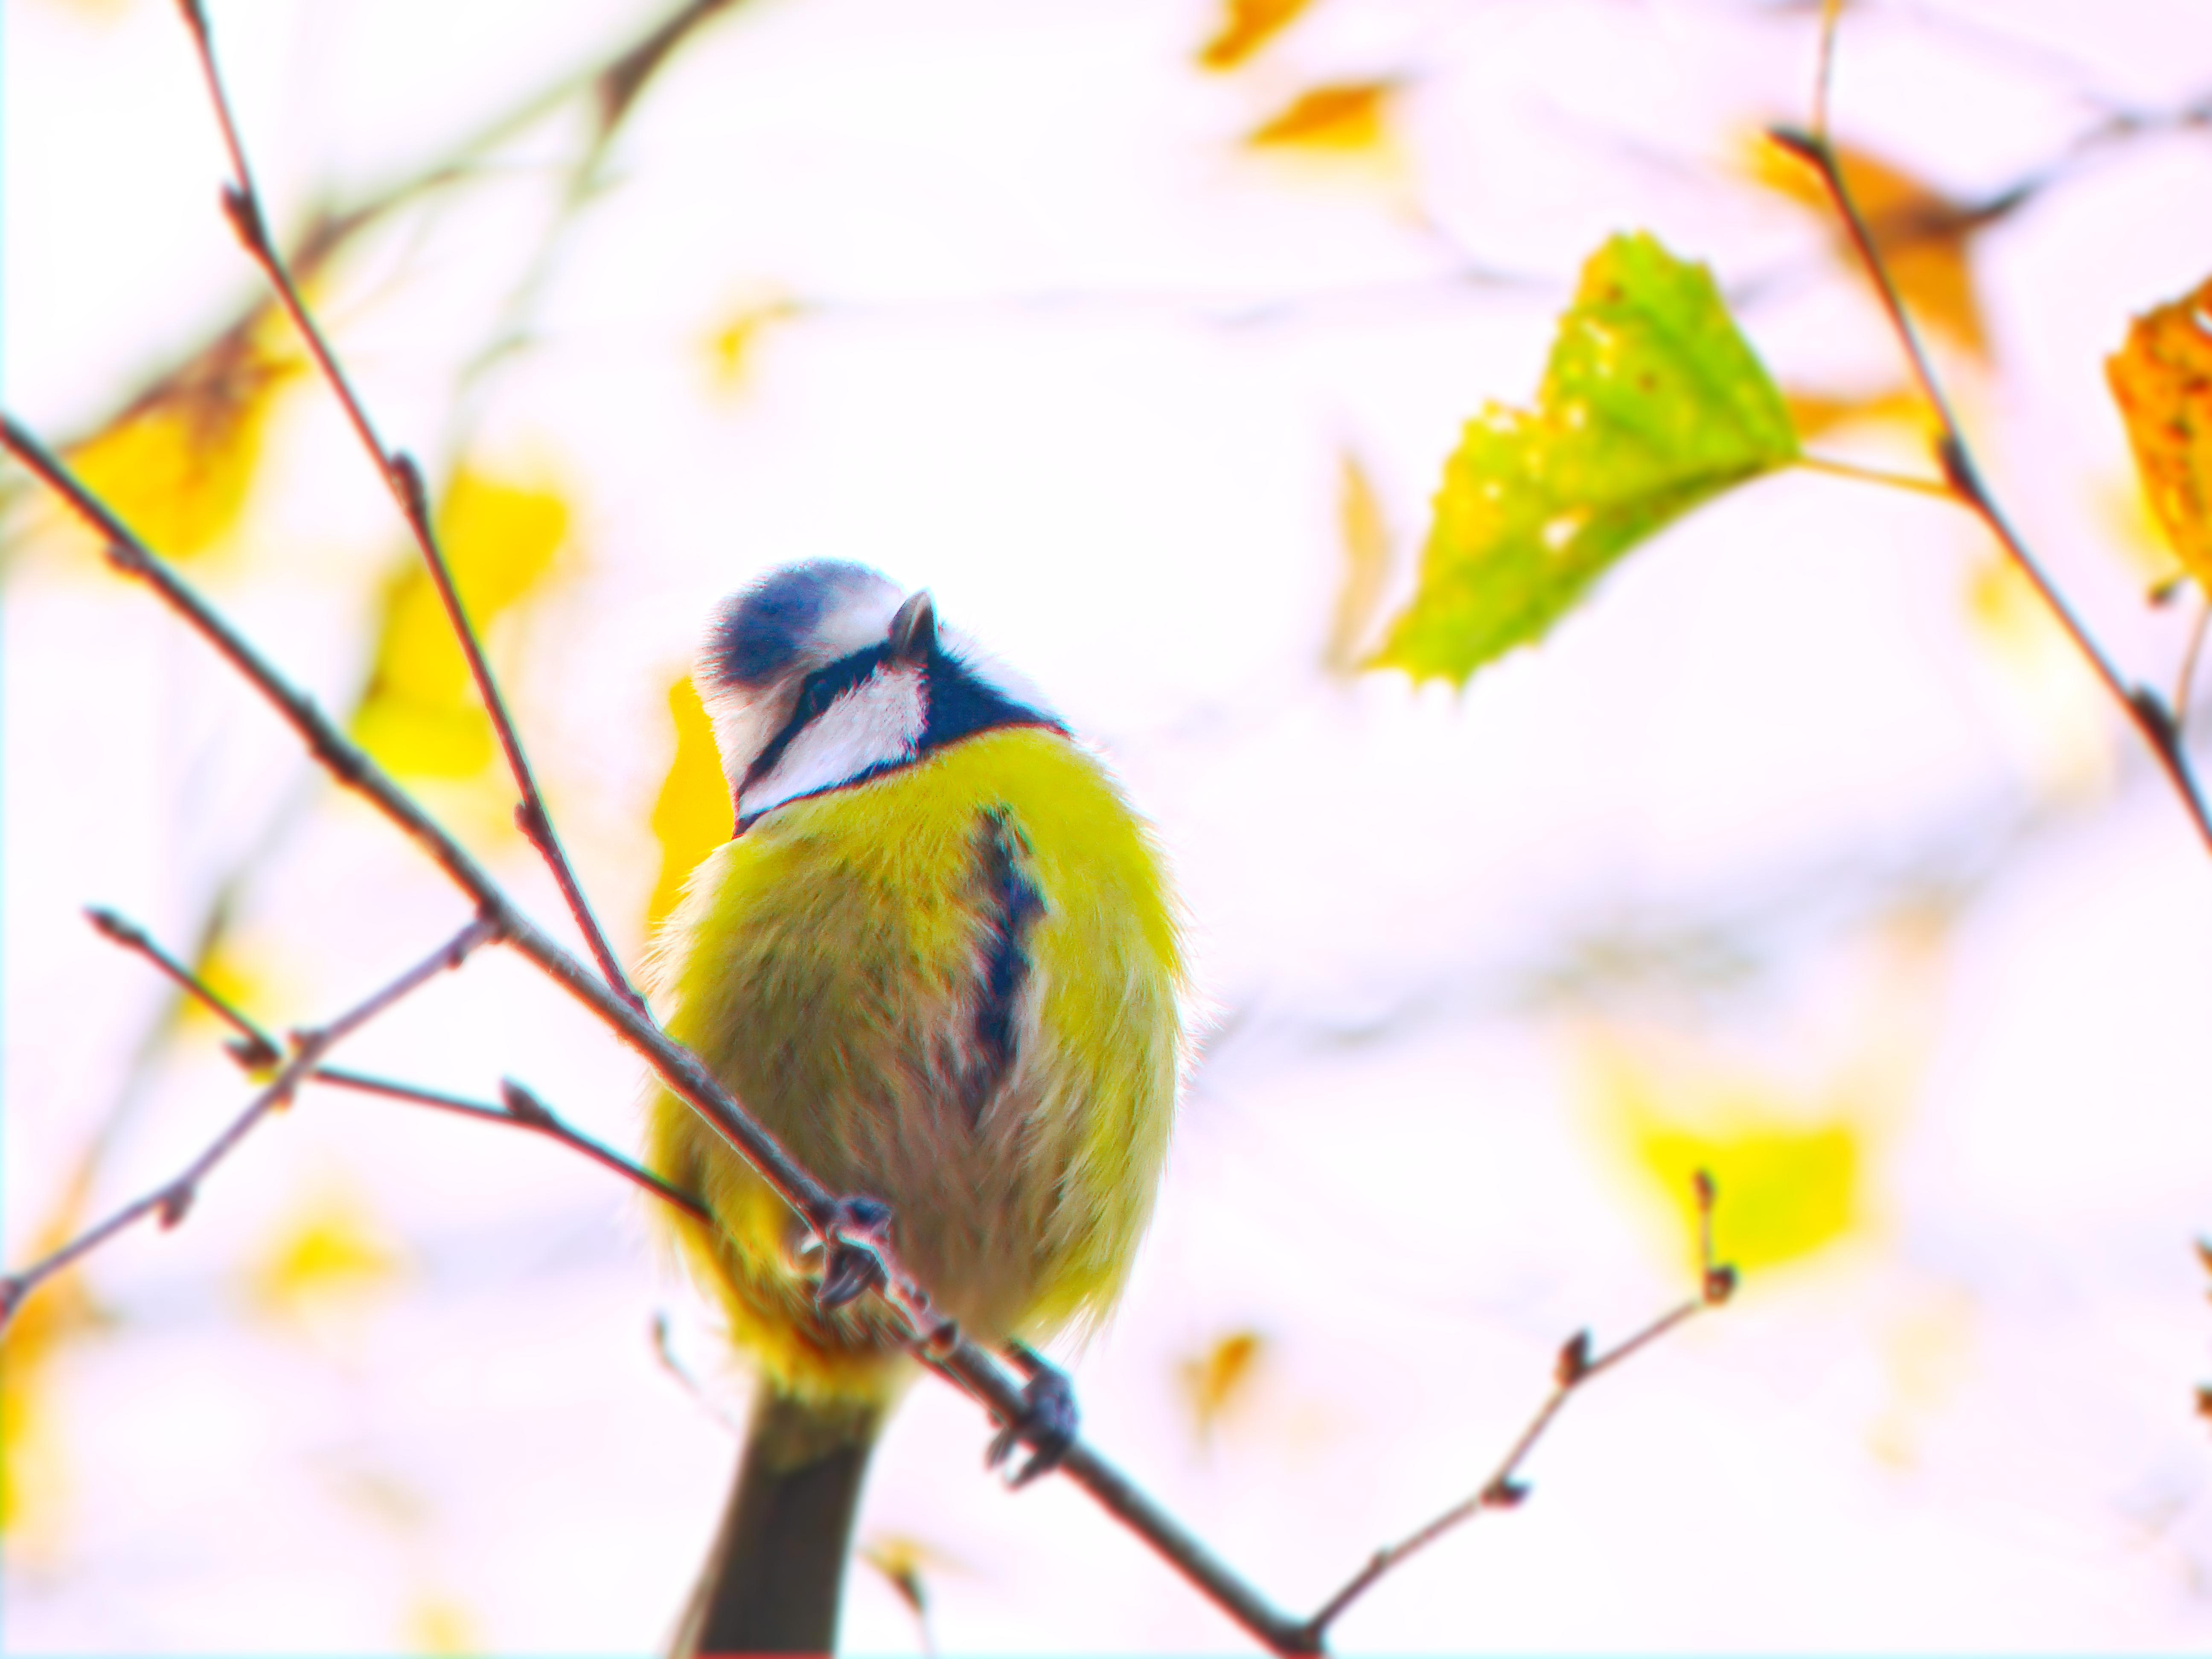 Blue tit bird by Gintesa